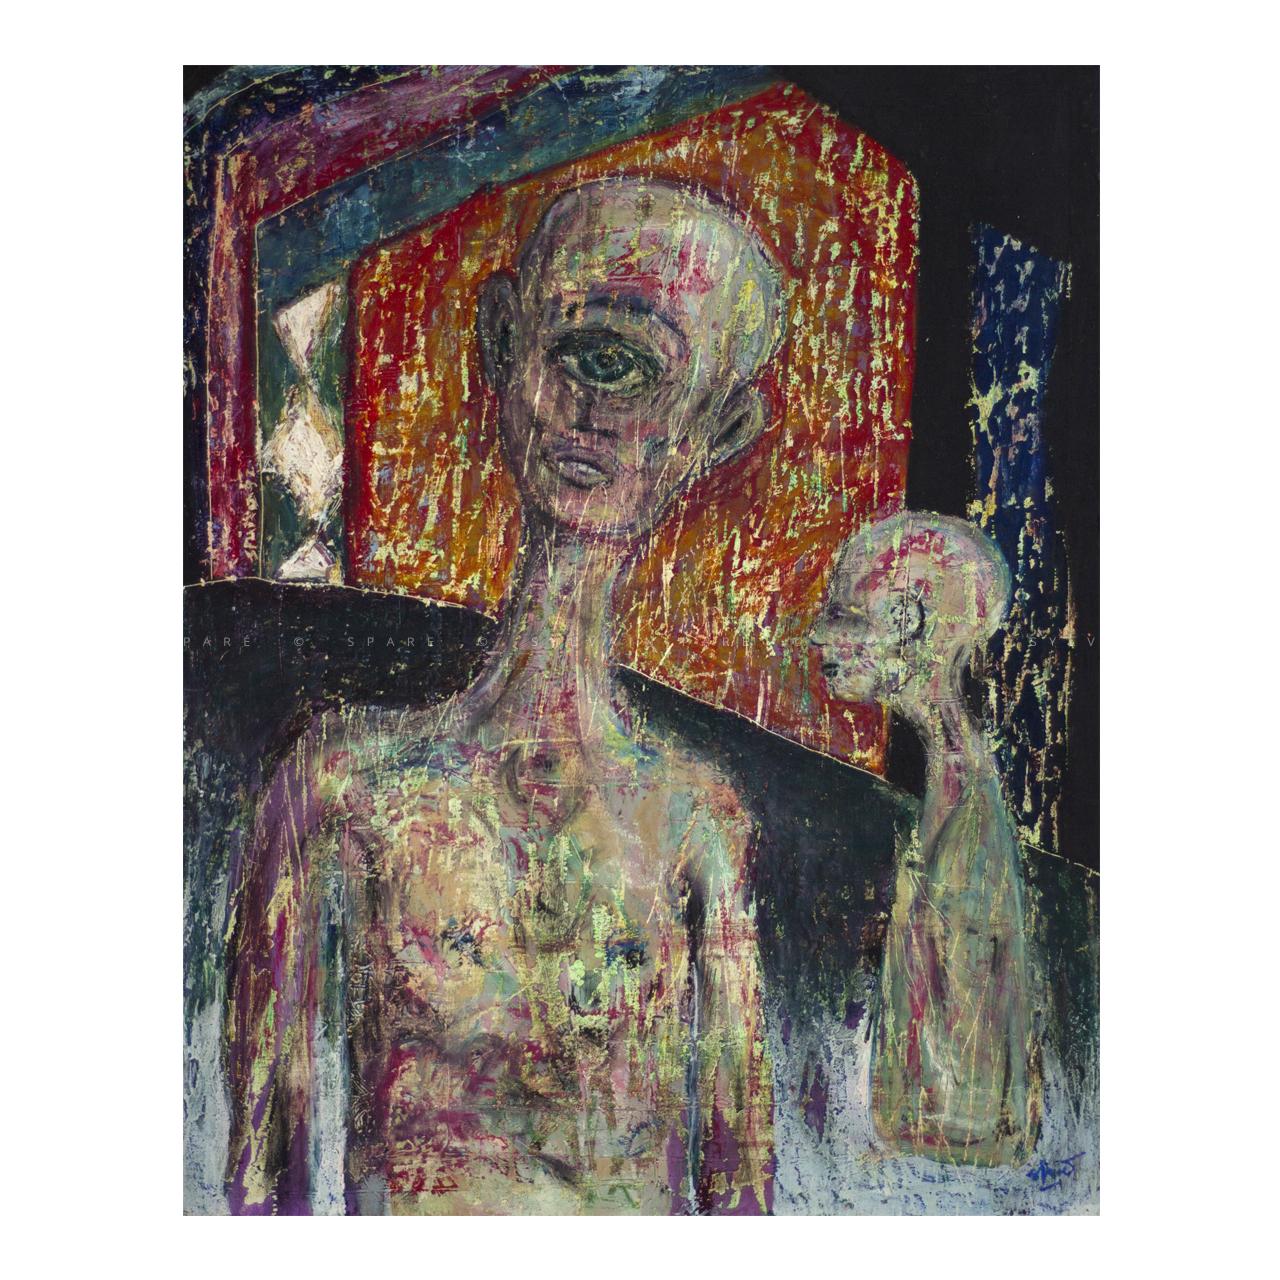 sylvain-pare-spare-artwork-1280x1280_IMG_0213.jpg